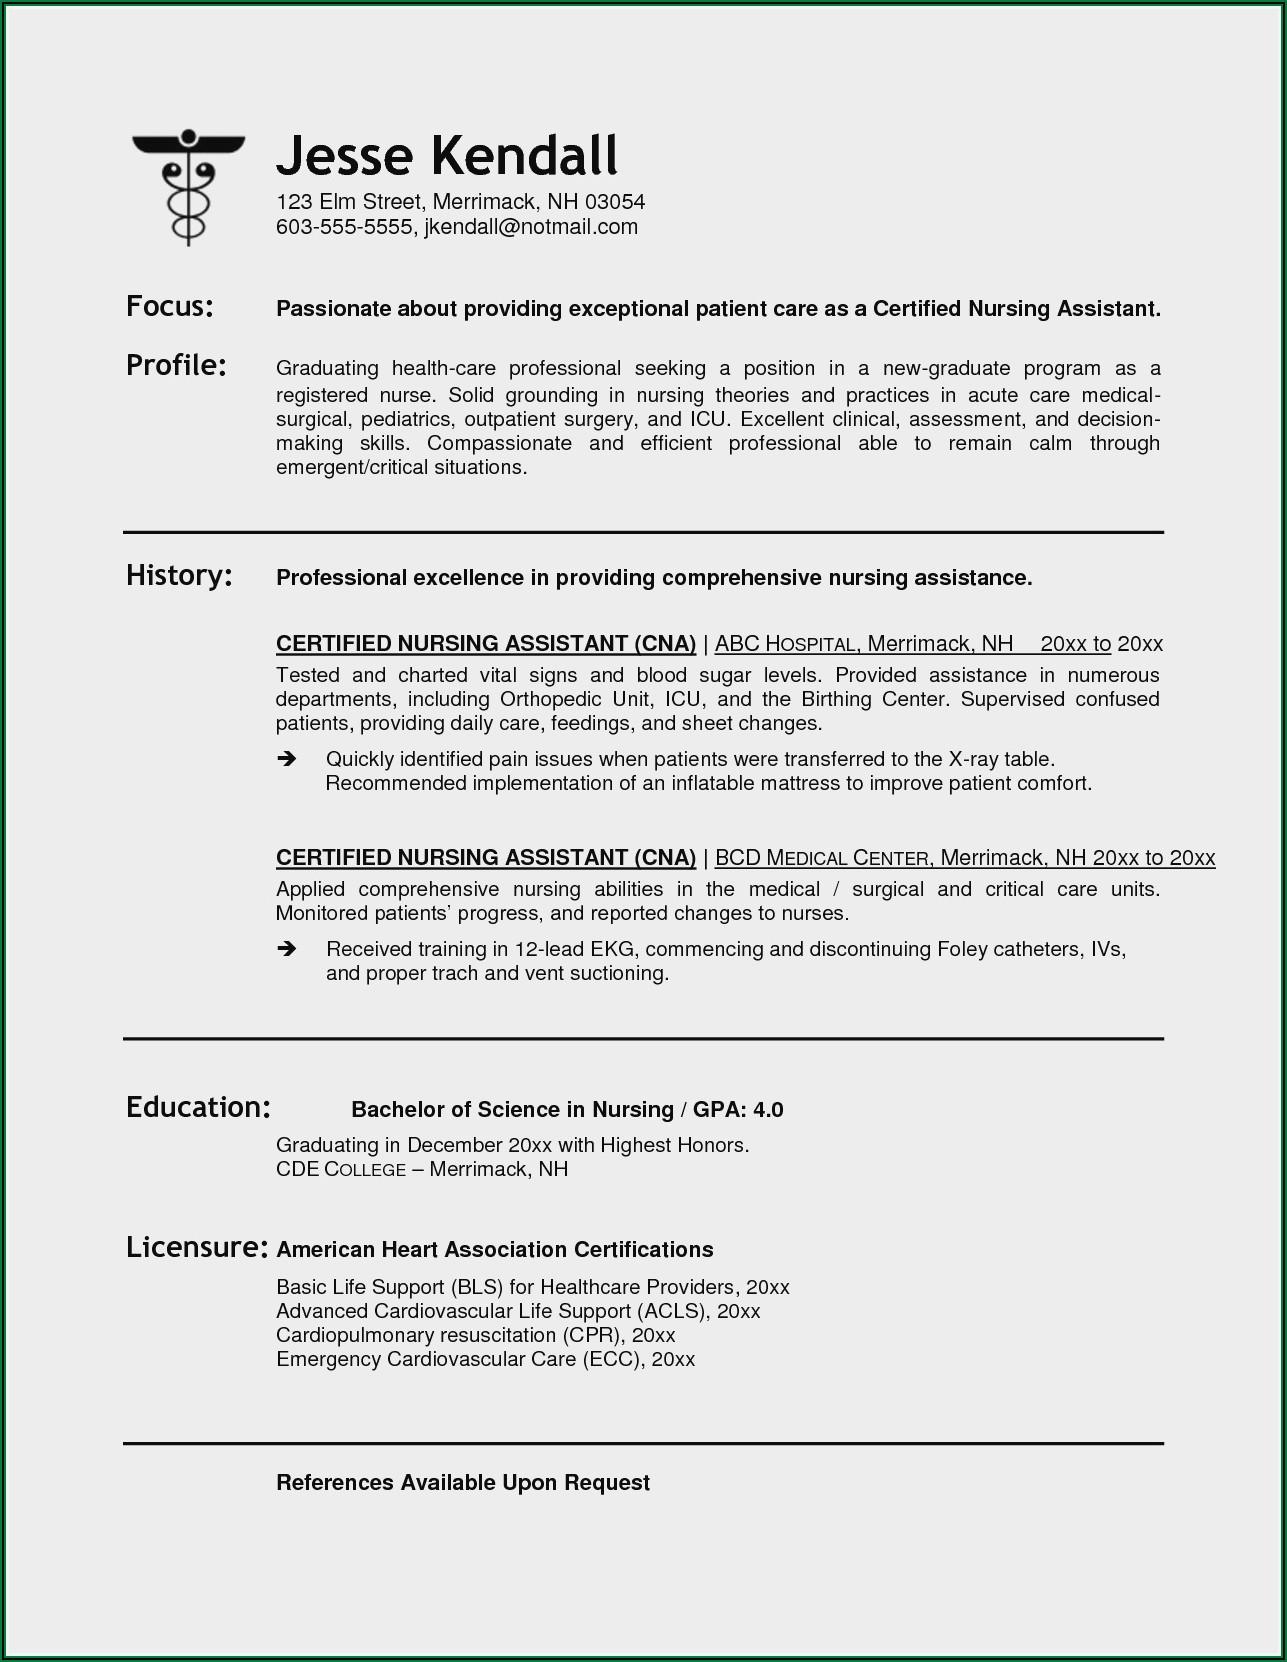 Sample Resume For Certified Nursing Assistant